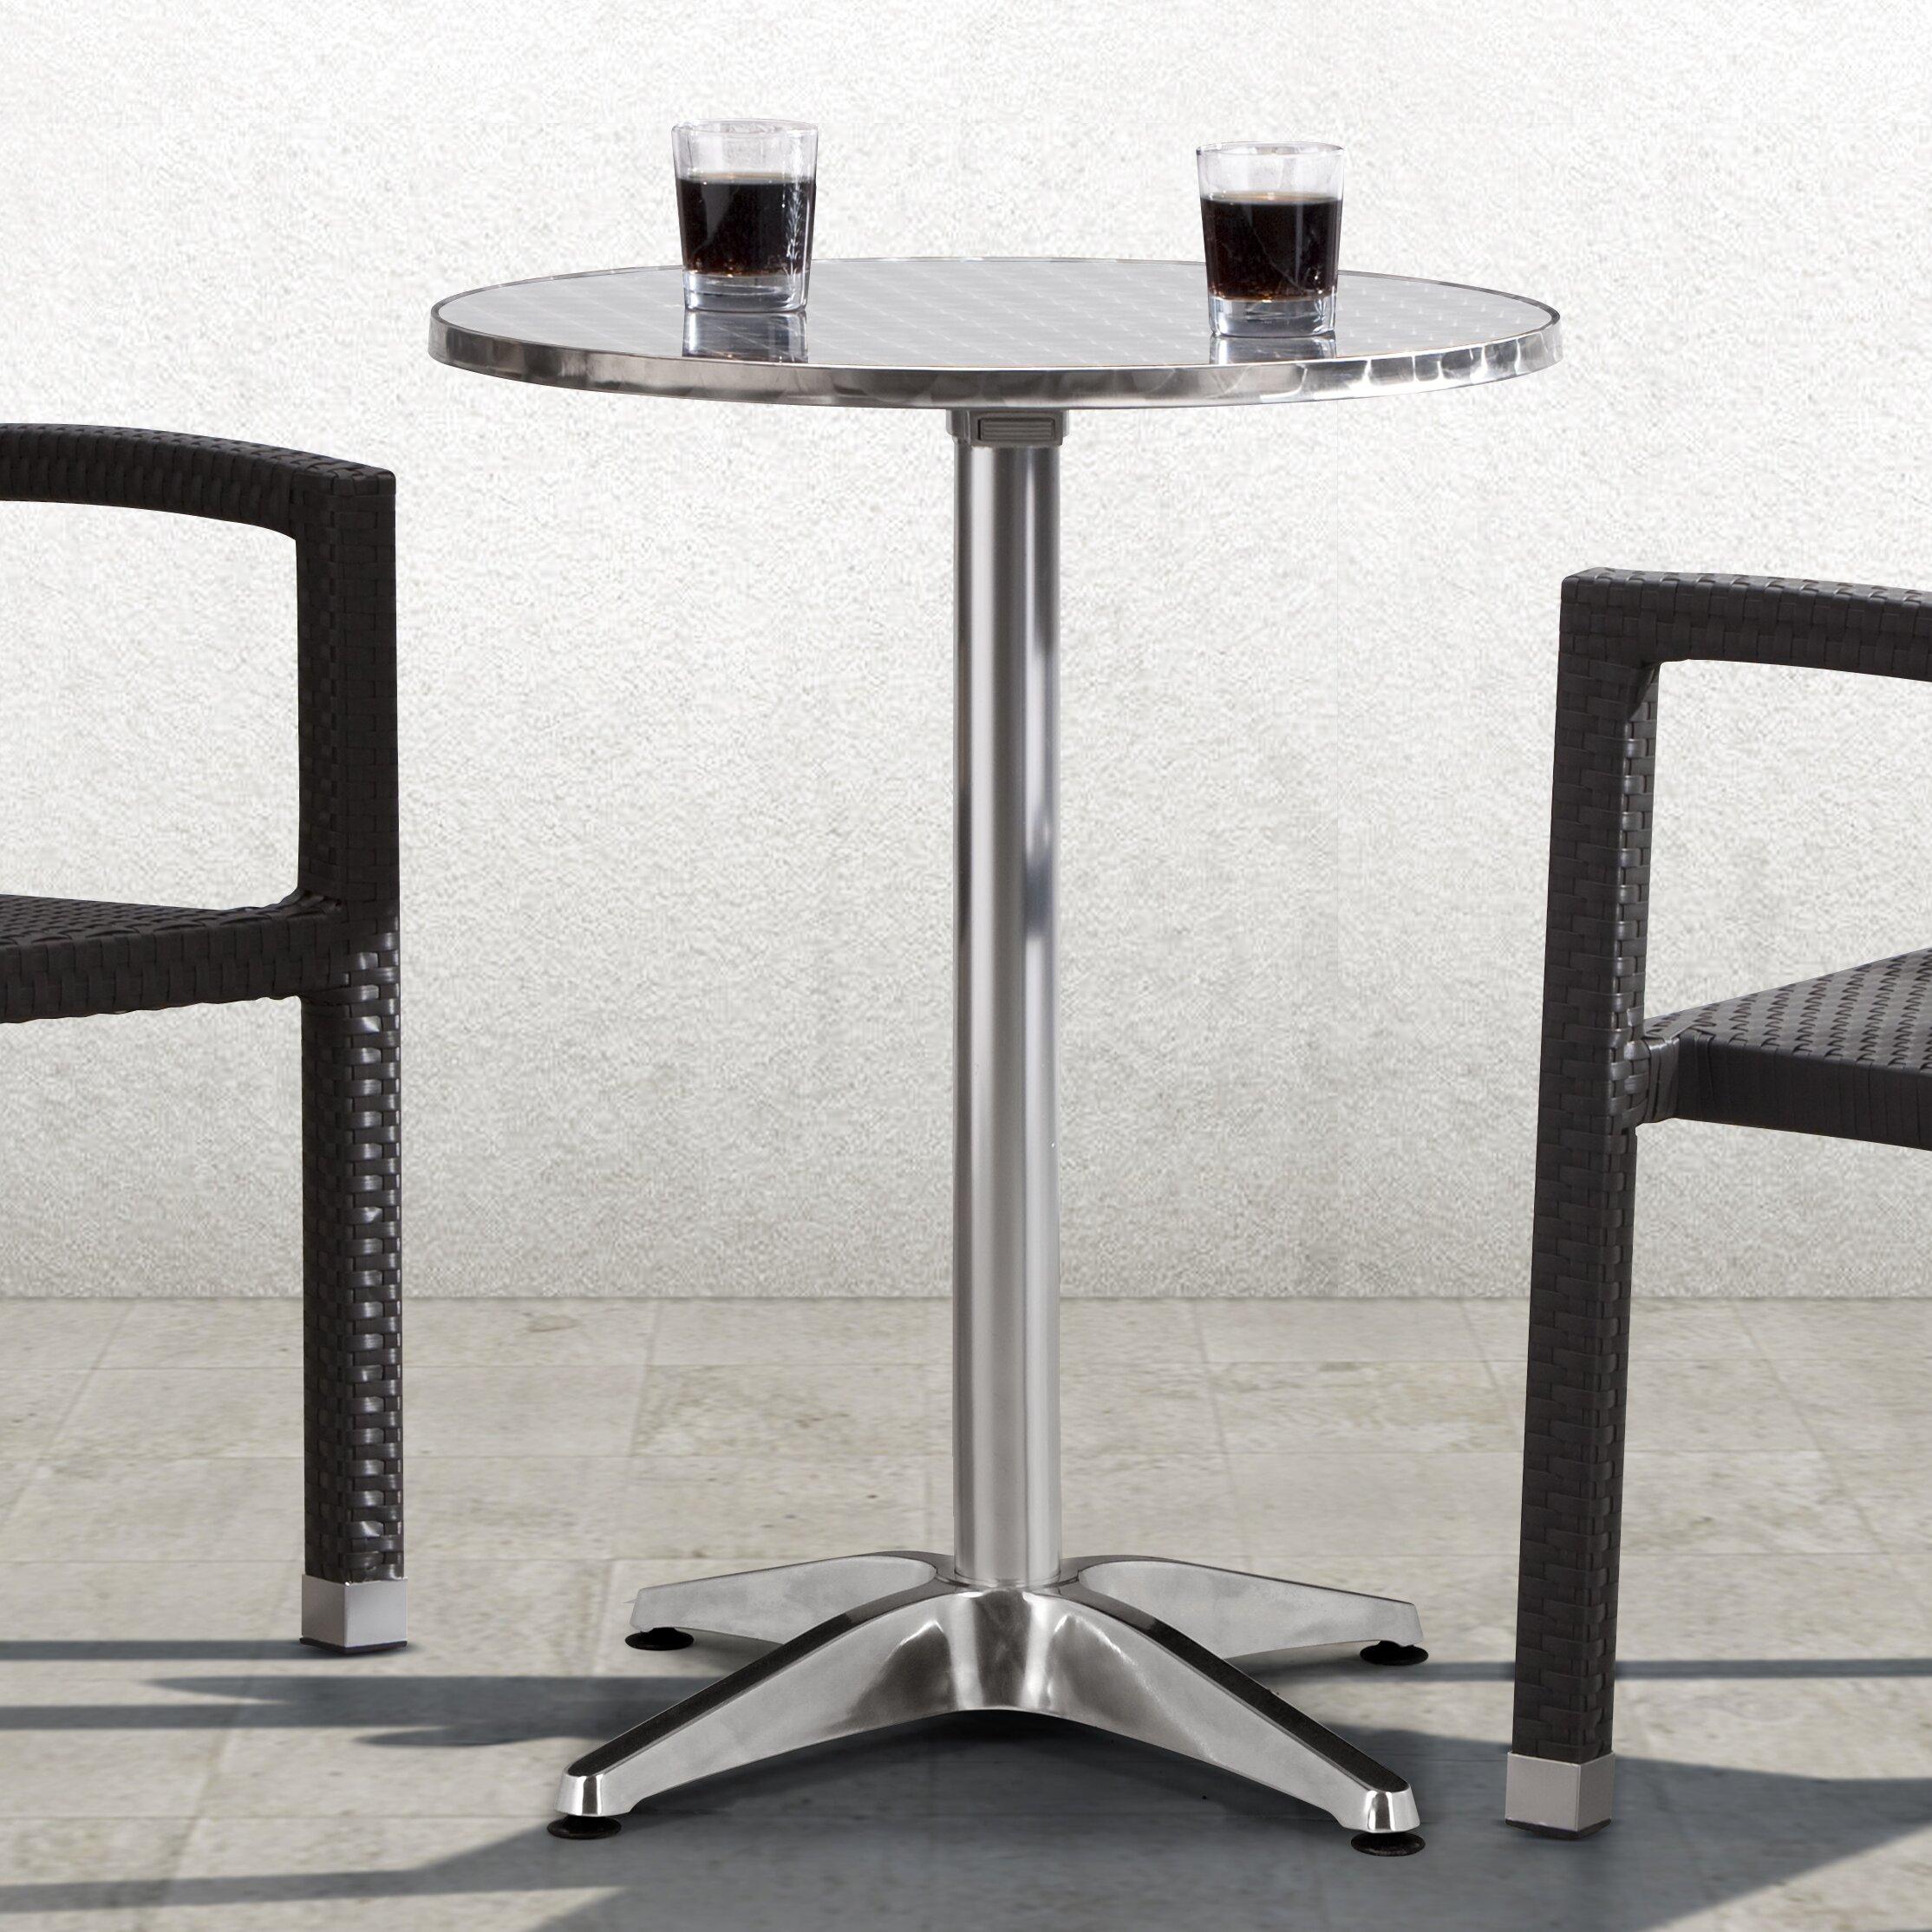 varick gallery applegate round folding bistro table. Black Bedroom Furniture Sets. Home Design Ideas